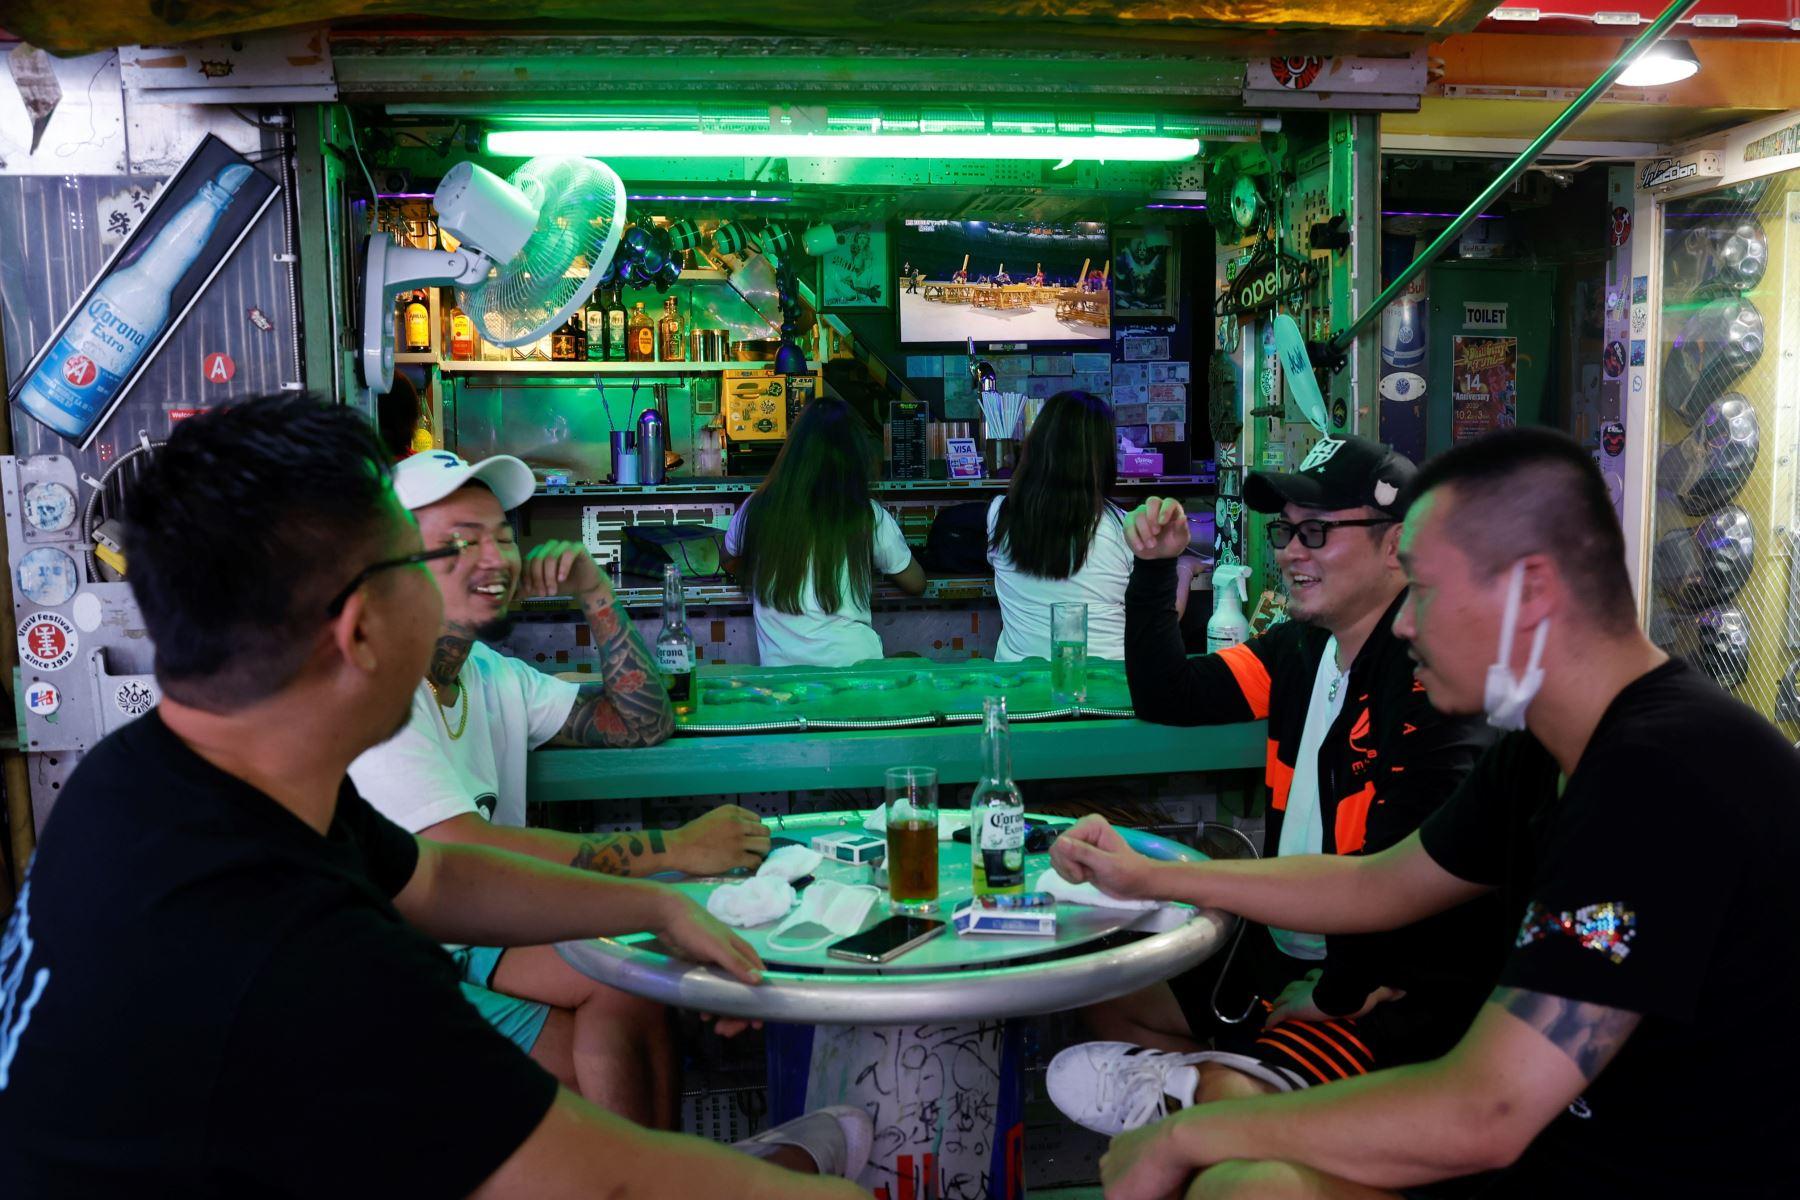 Clientes de un bar siguen por televisión la ceremonia inaugural de los Juegos Olímpicos de Tokio 2020. Foto: EFE